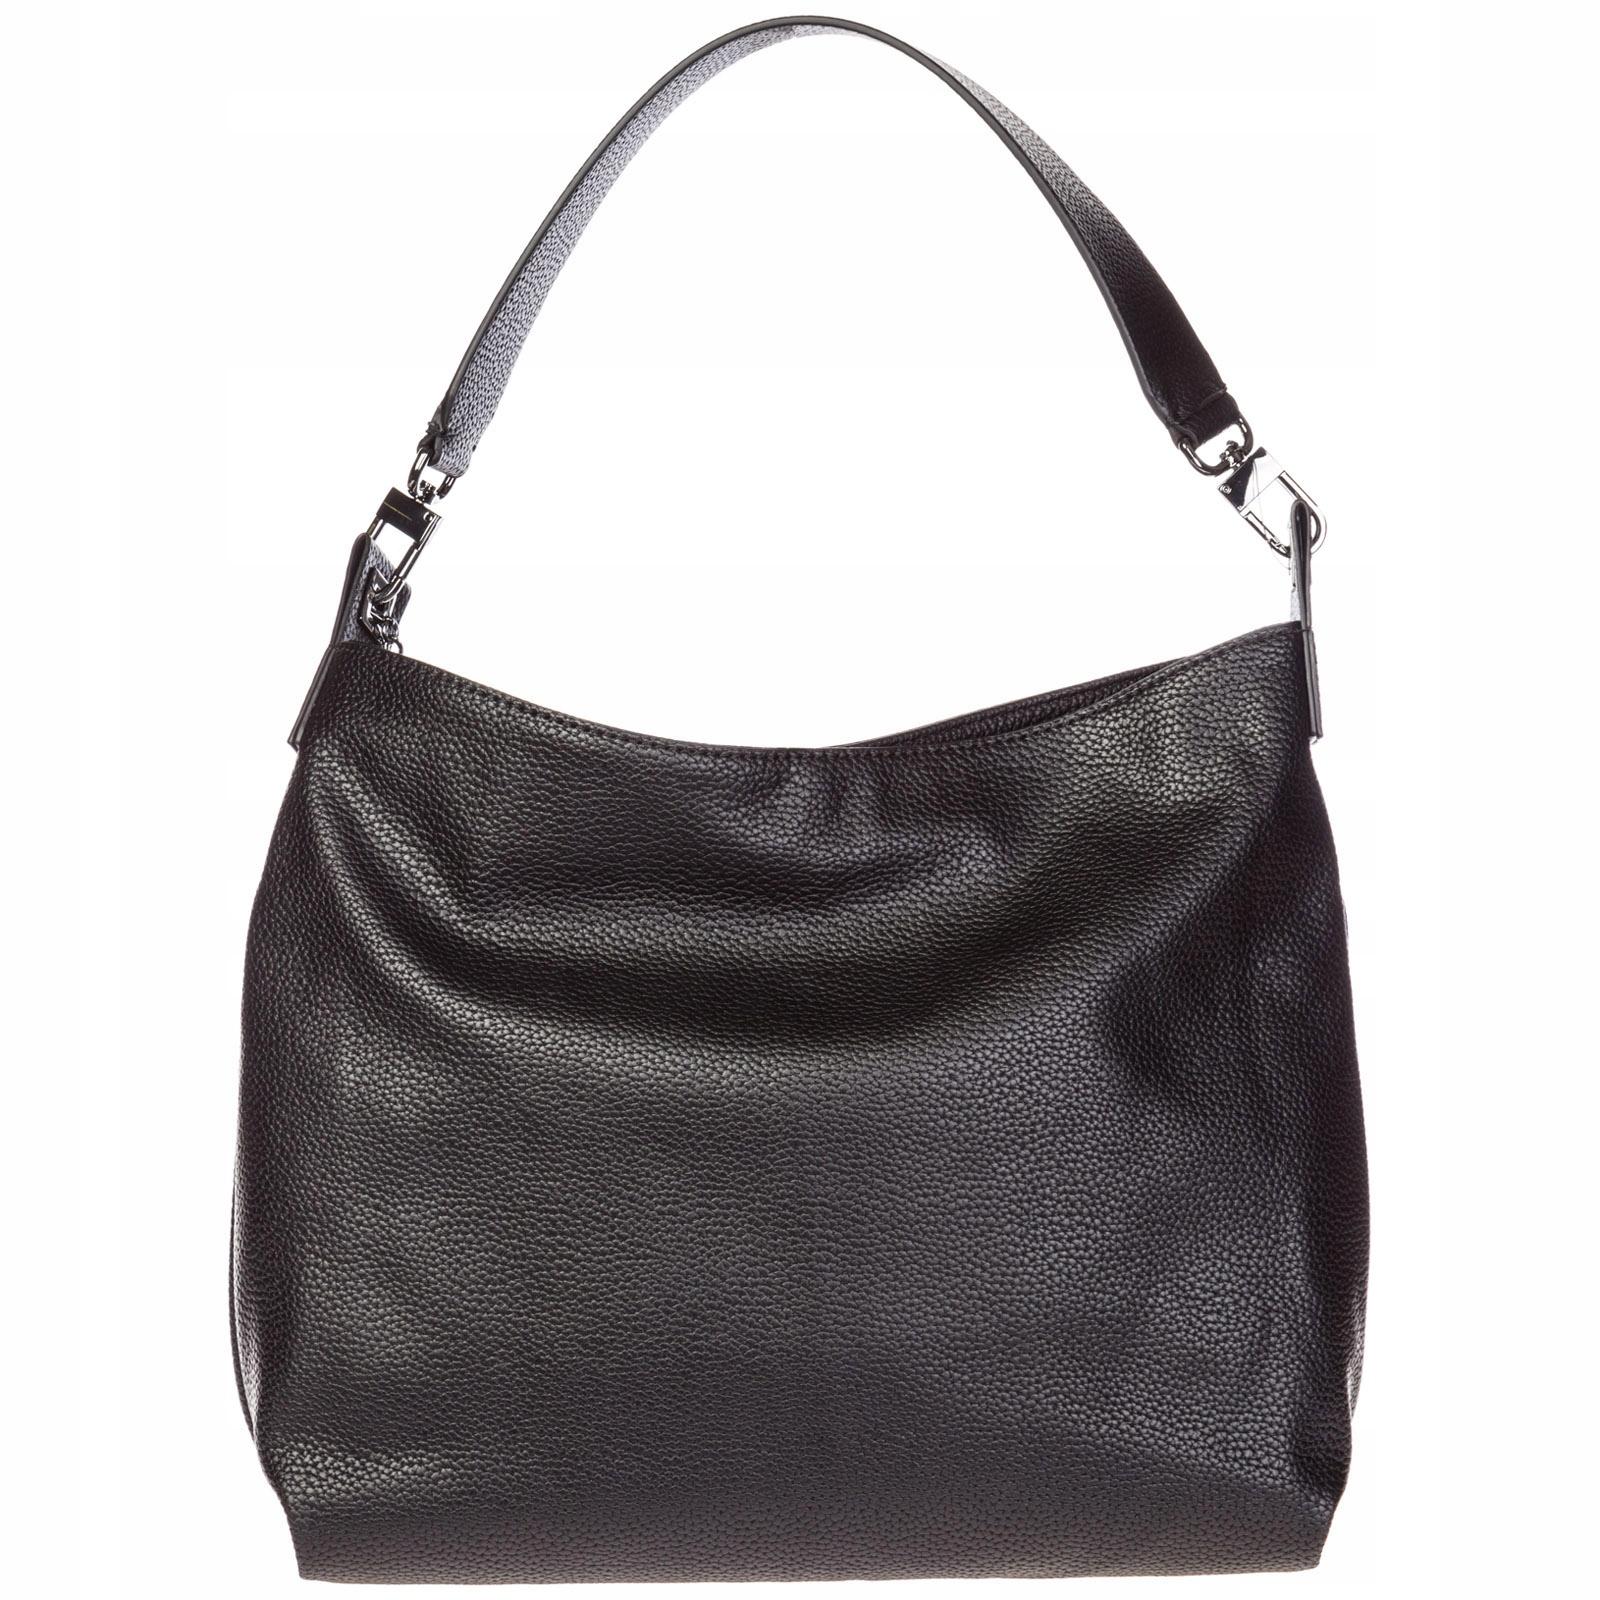 81b0851be5f78 bag torebki w Oficjalnym Archiwum Allegro - Strona 22 - archiwum ofert